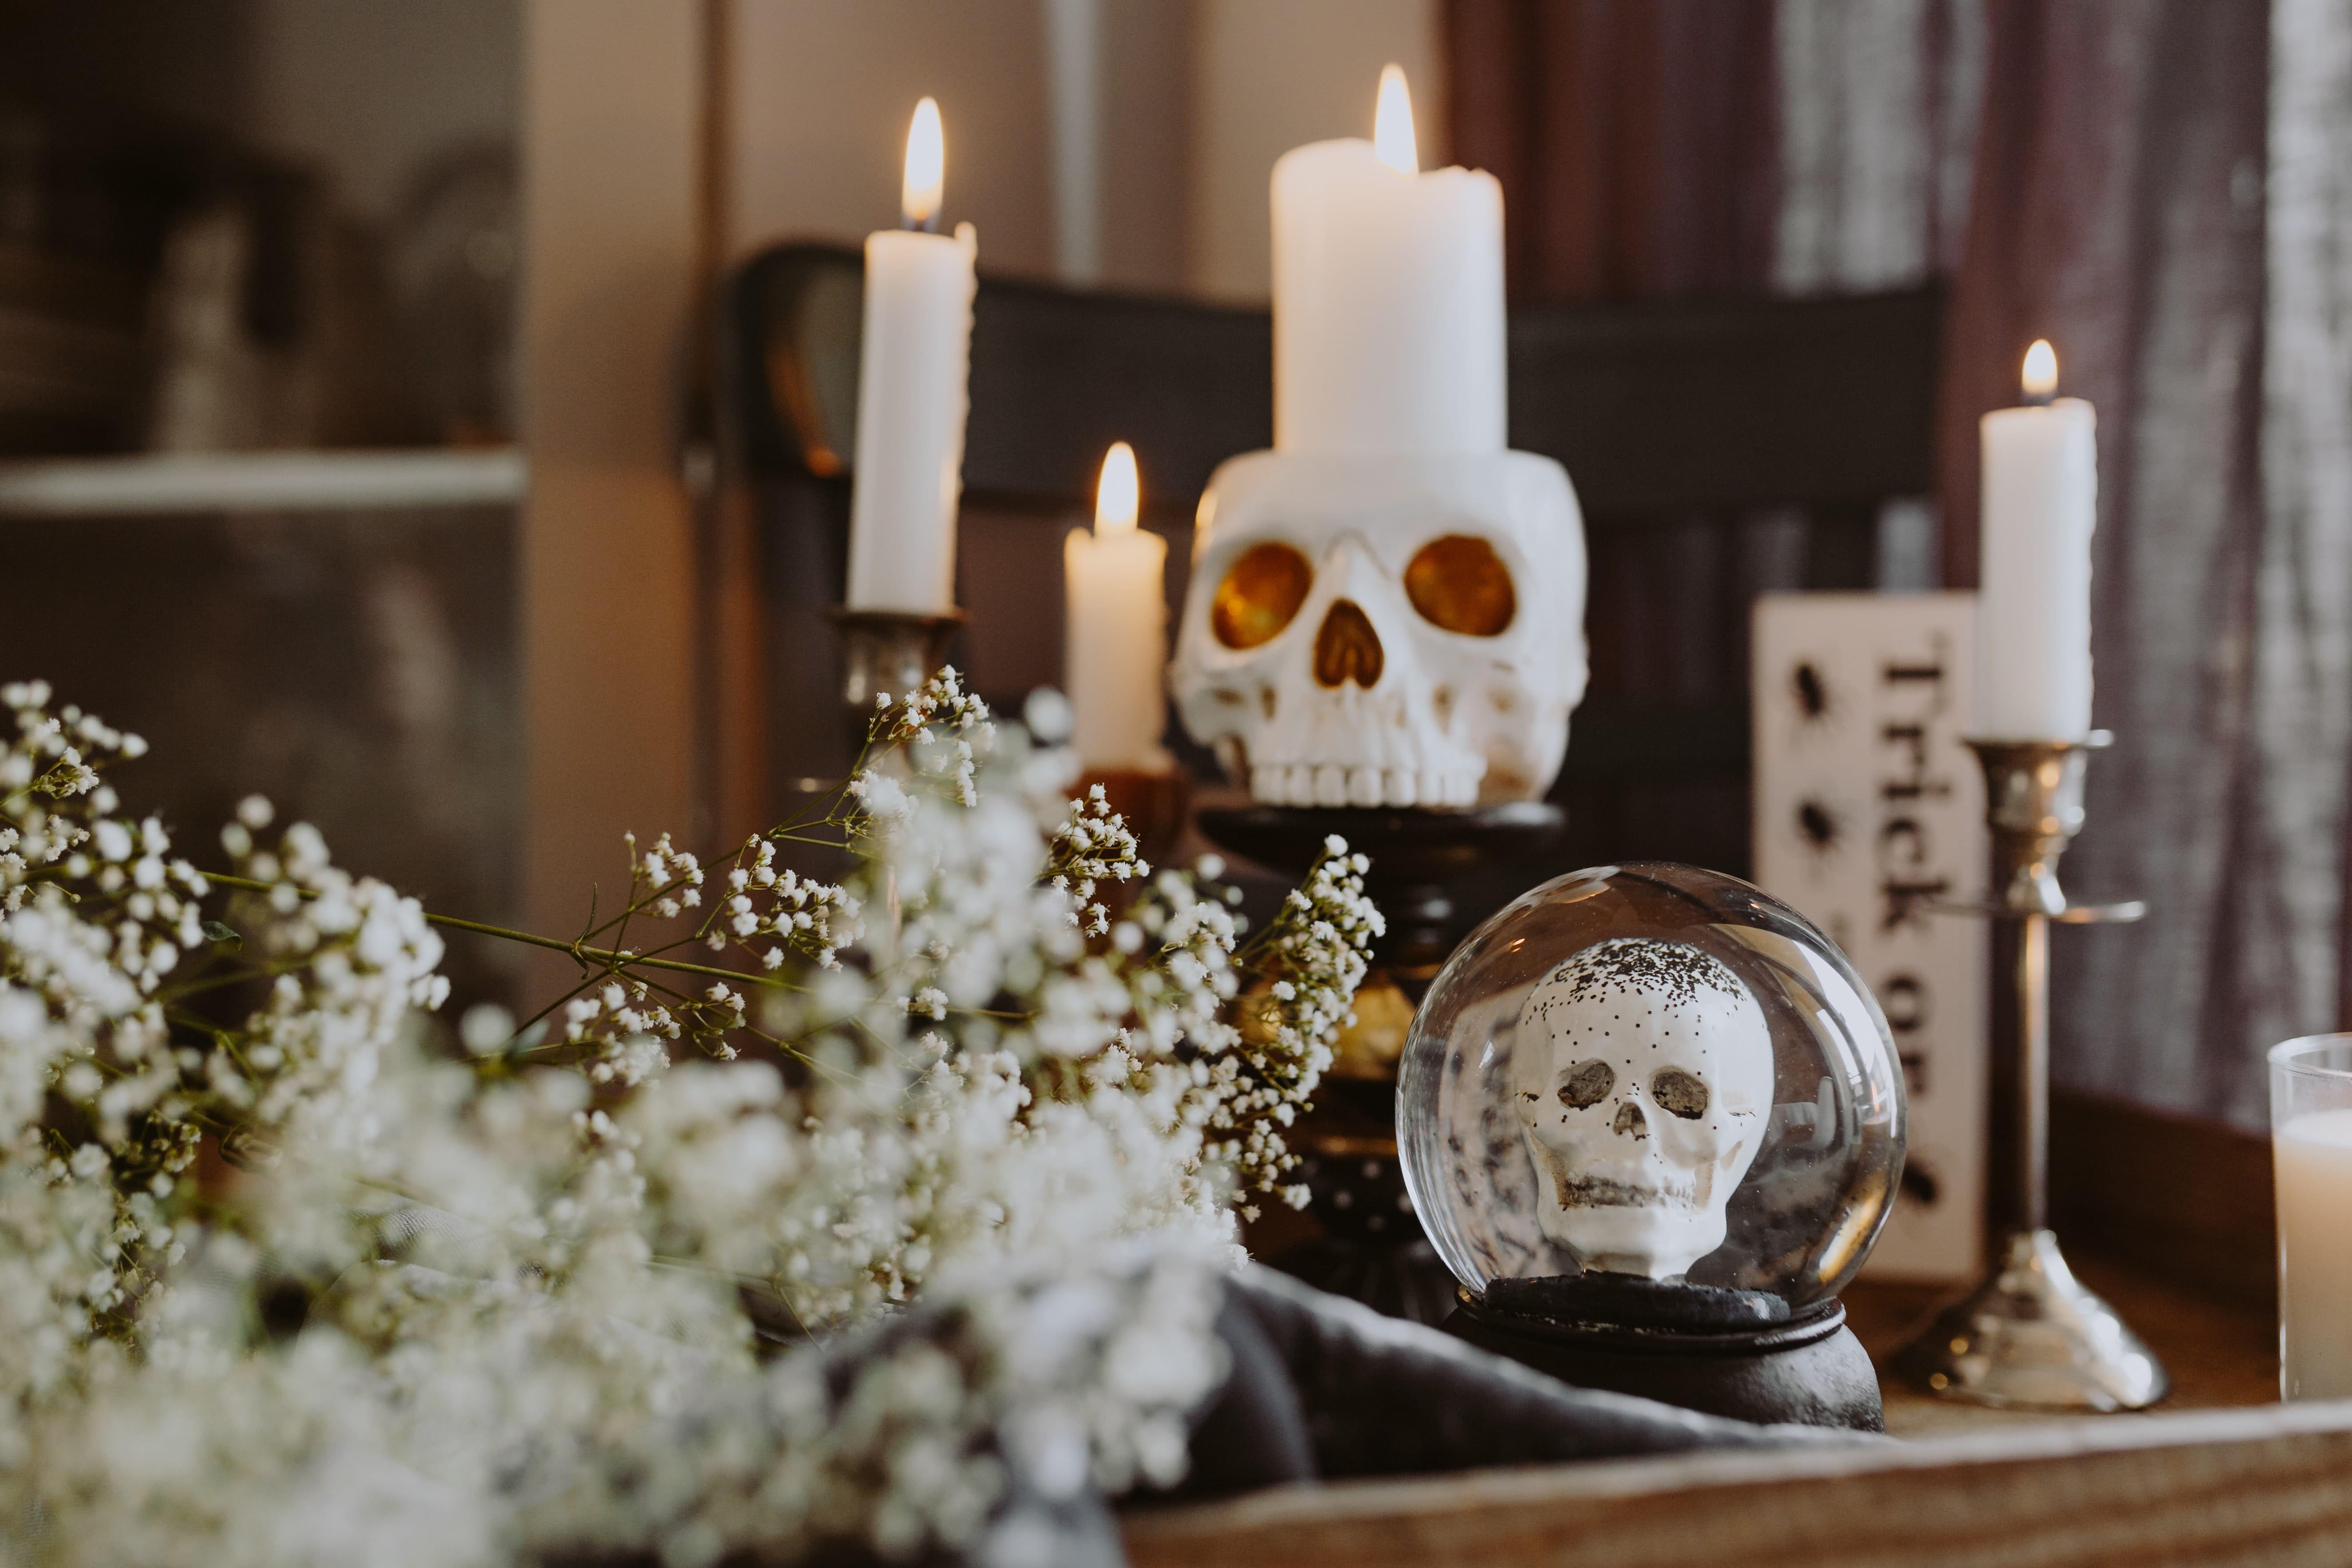 Fantasmas, crânios e outros seres monstruosos